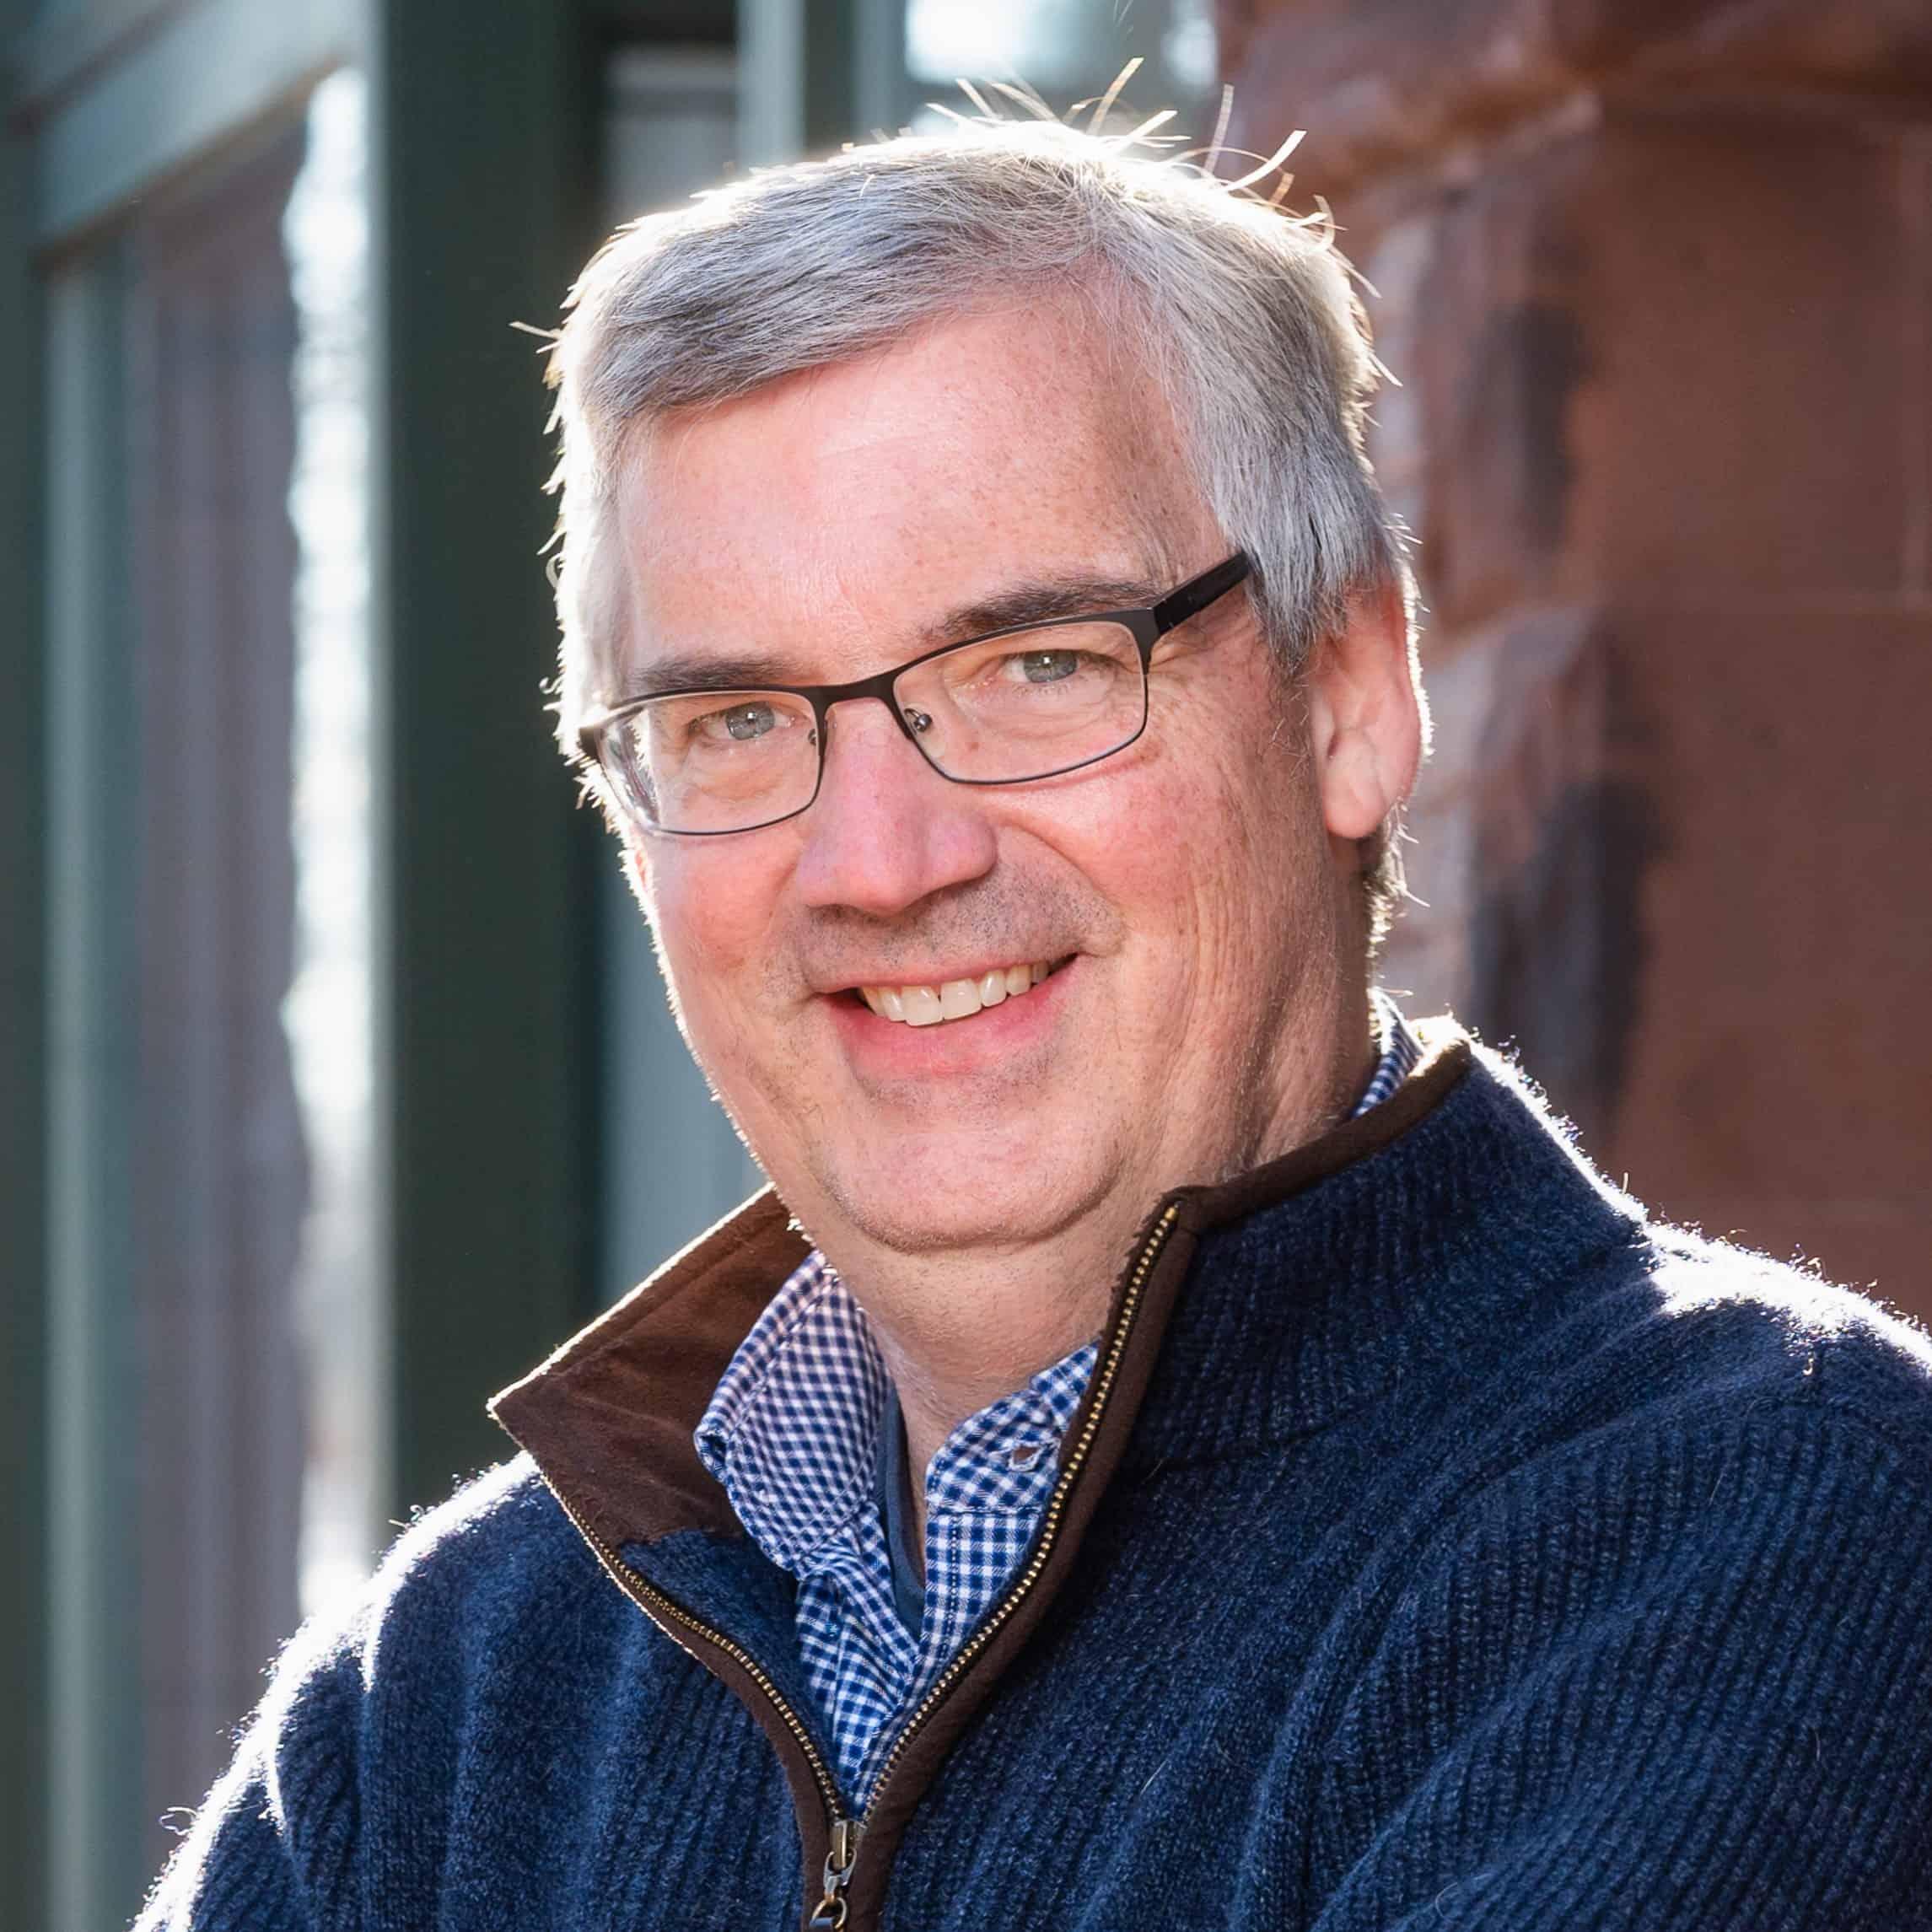 Glenn Garry